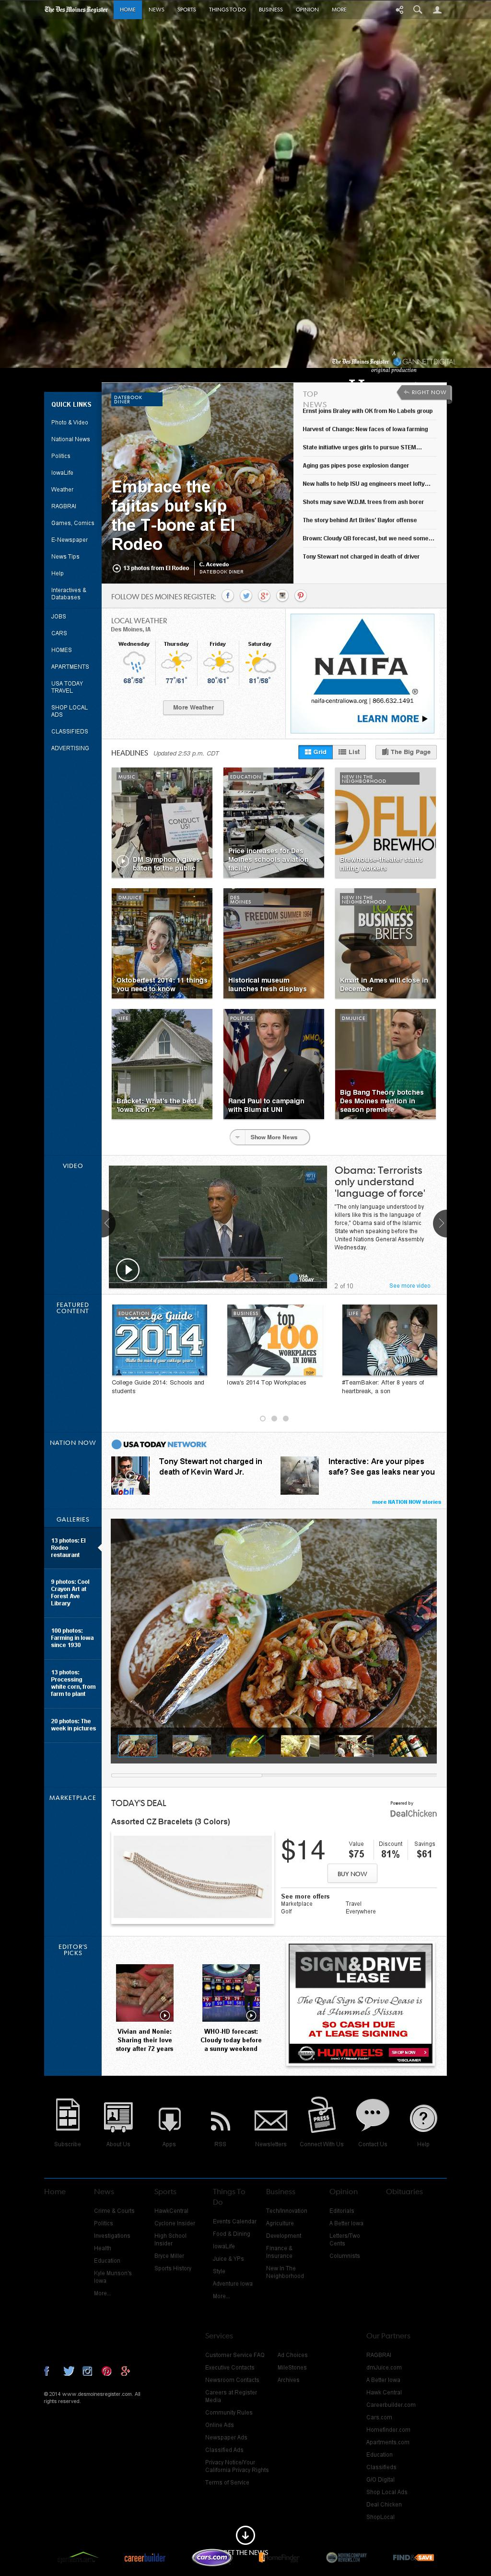 DesMoinesRegister.com at Wednesday Sept. 24, 2014, 8:04 p.m. UTC